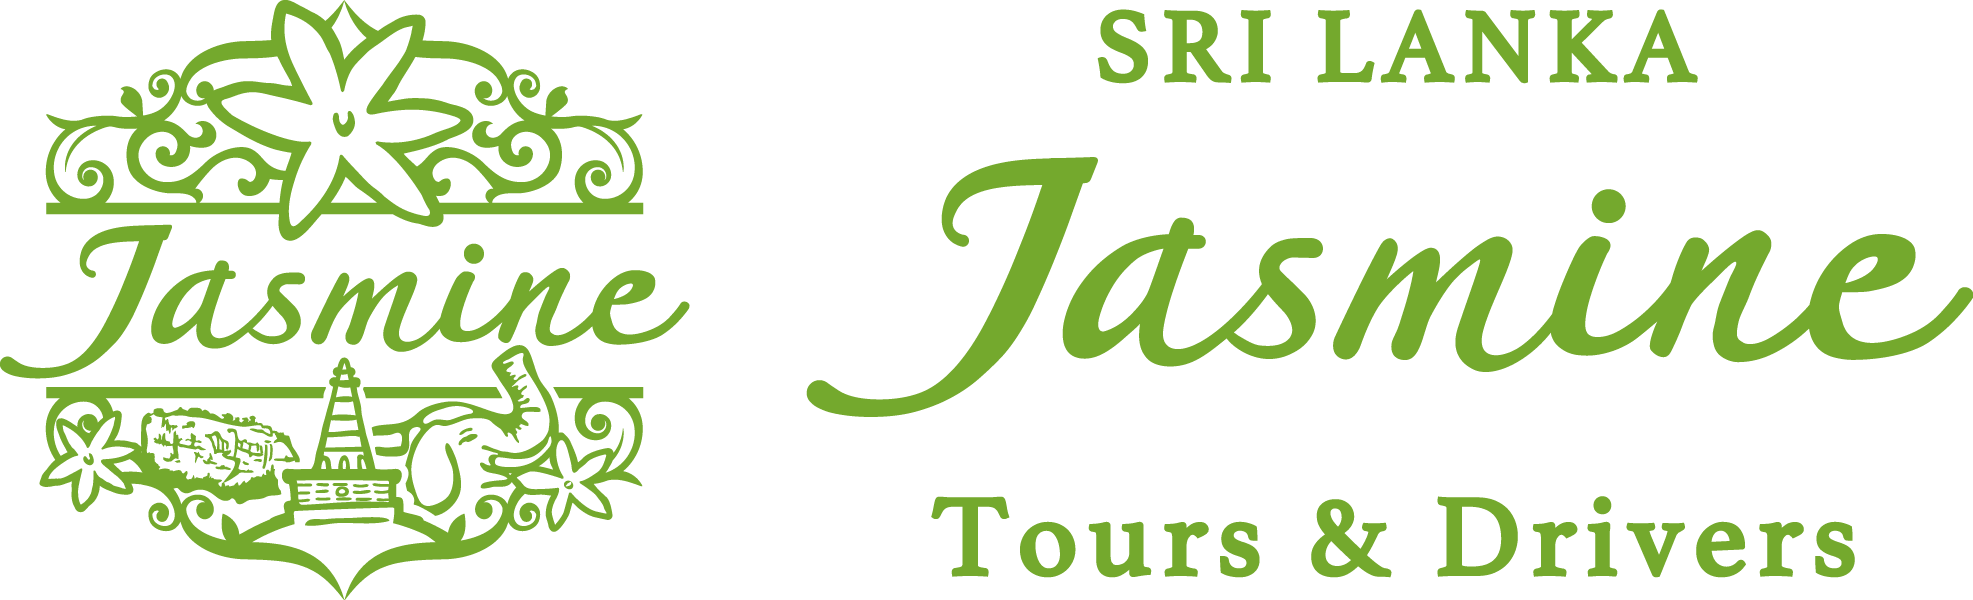 Sri Lanka Jasmine Tours & Drivers